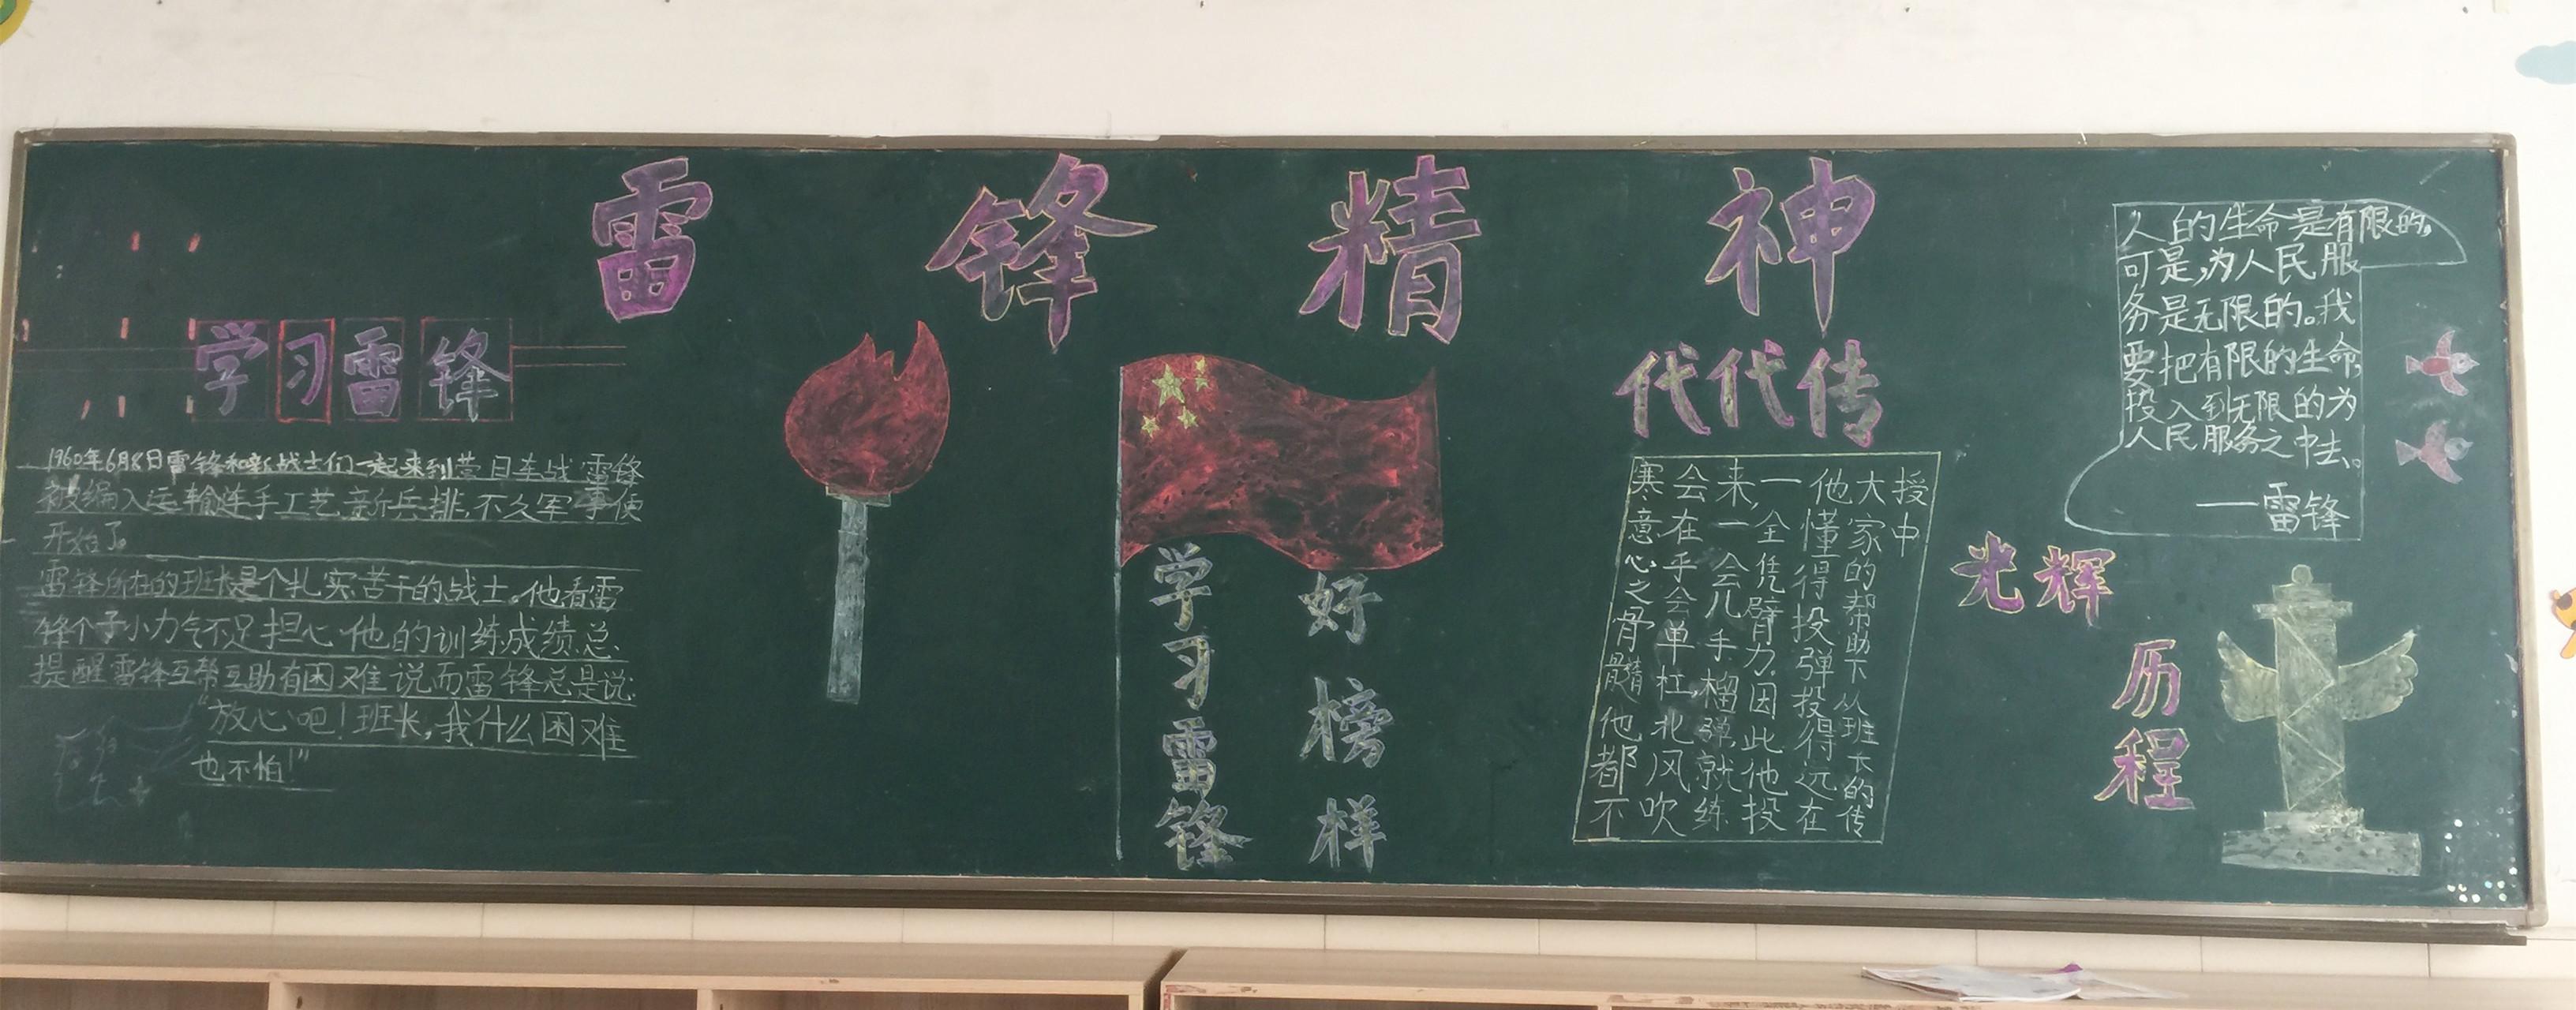 黄石市铜都小学三月班级文化黑板报评比图片